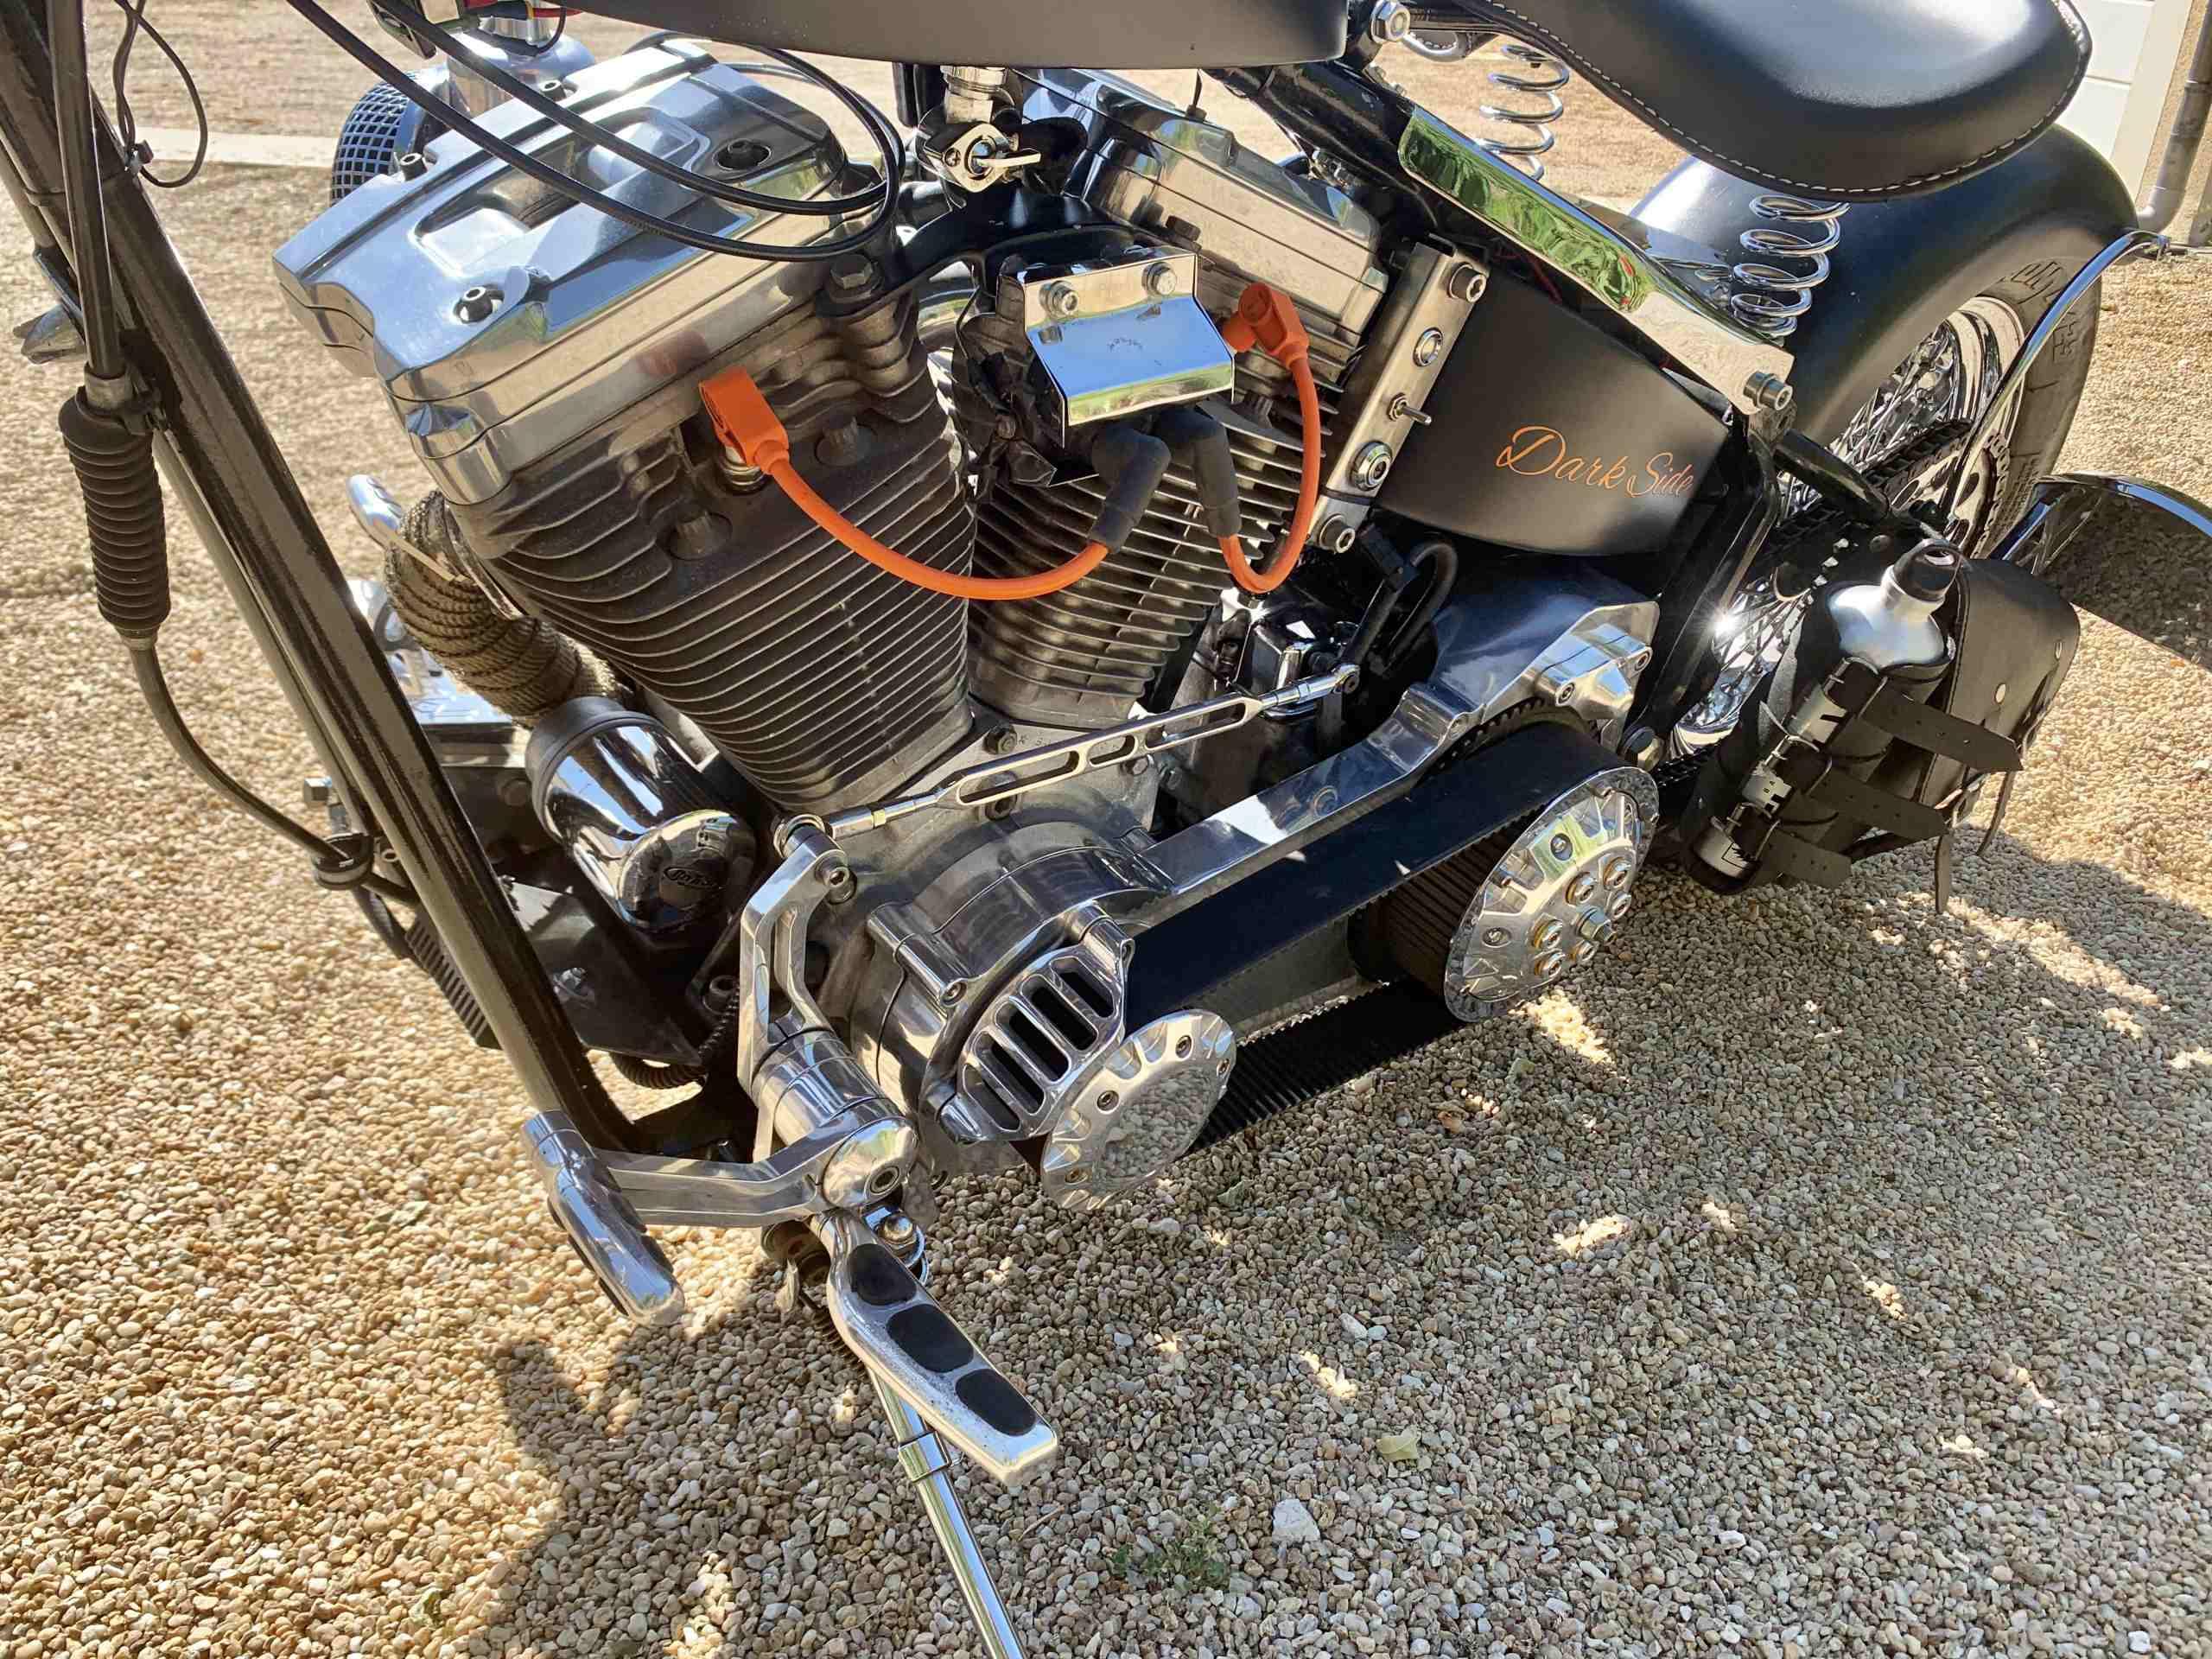 Harley Davidson softail 1340 evo